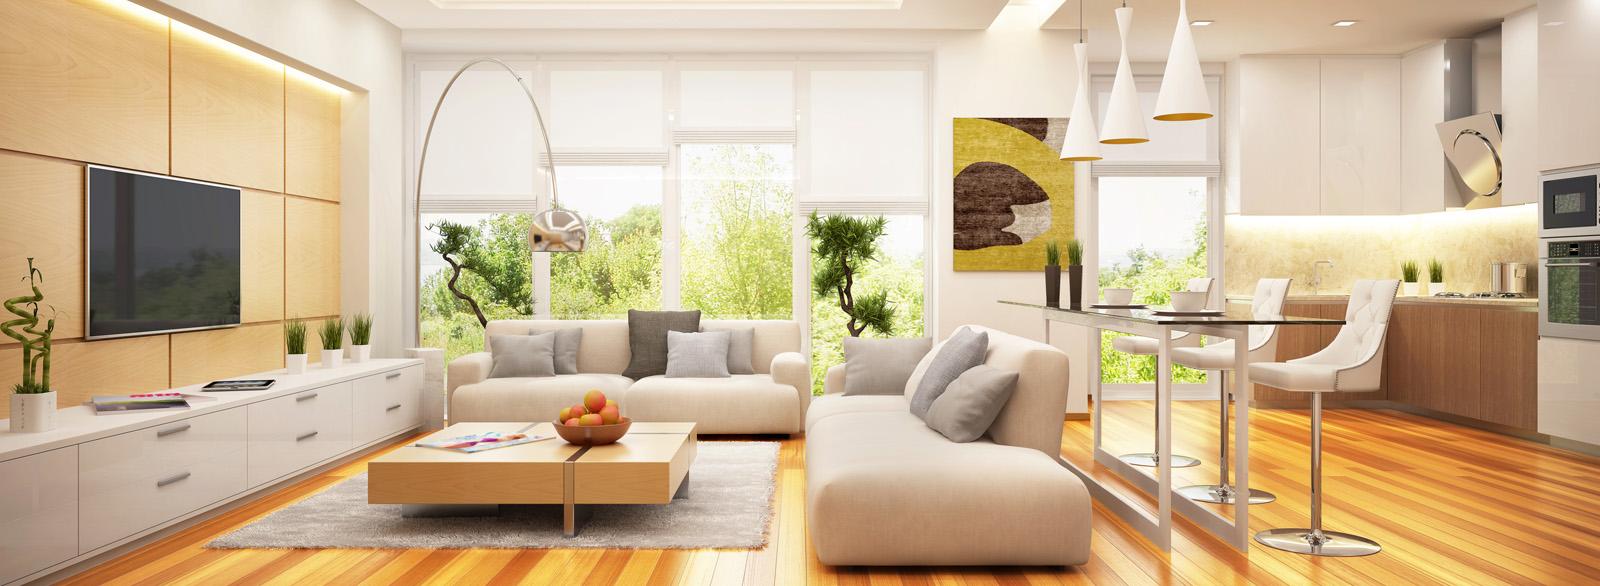 Curso diseno de interiores dise os arquitect nicos for Estudiar diseno de interiores online gratis